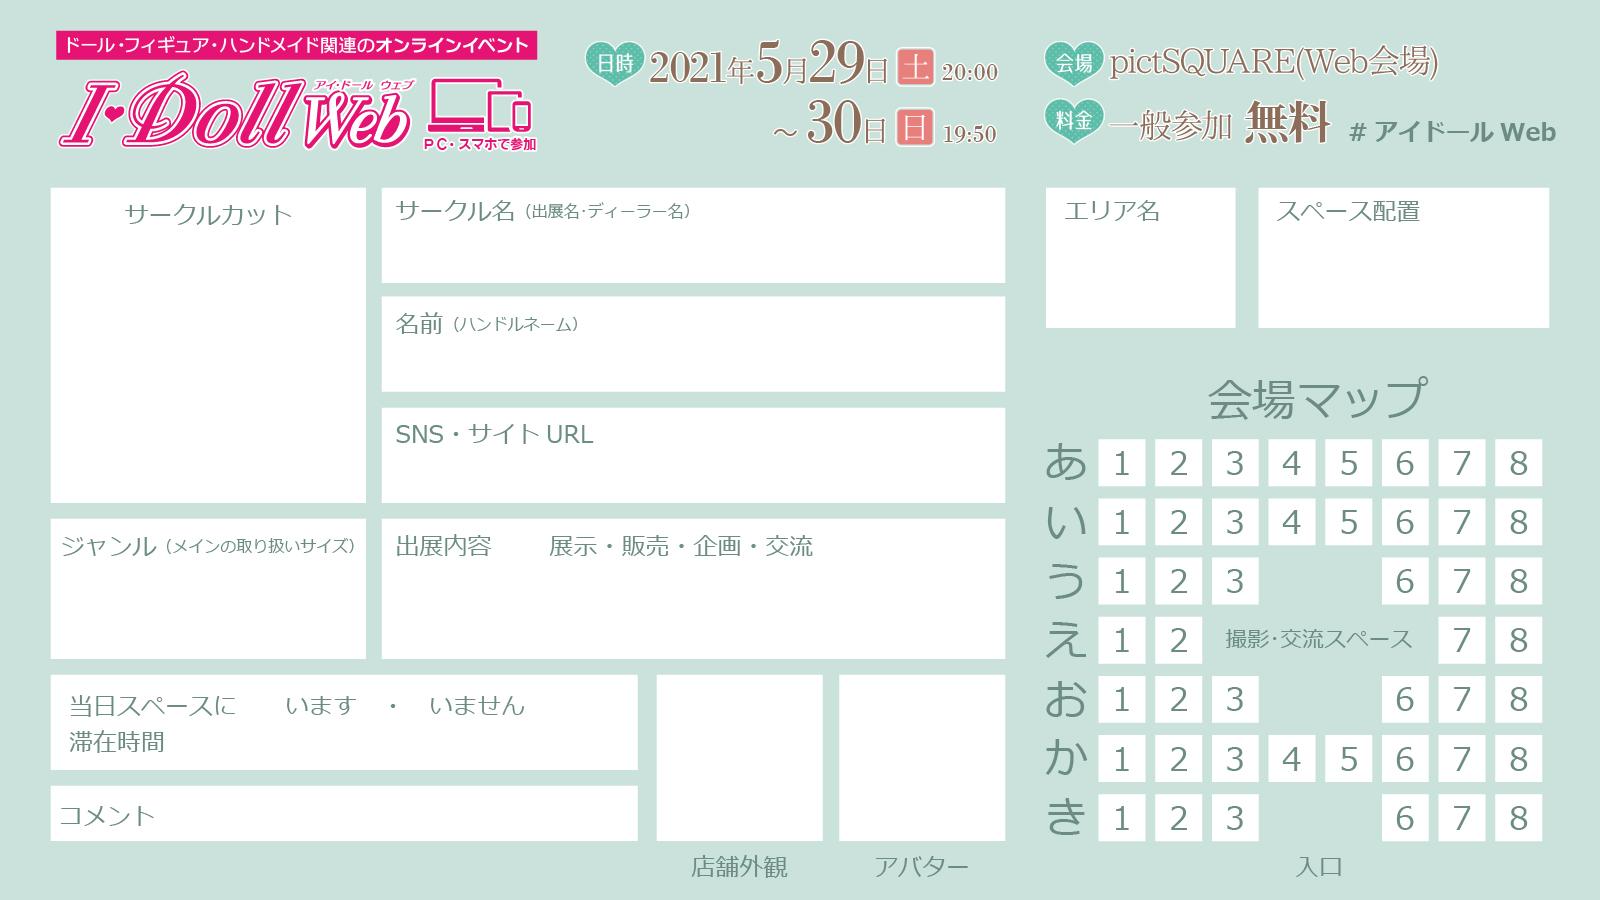 アイドールWeb参加表明(サークル).jpg